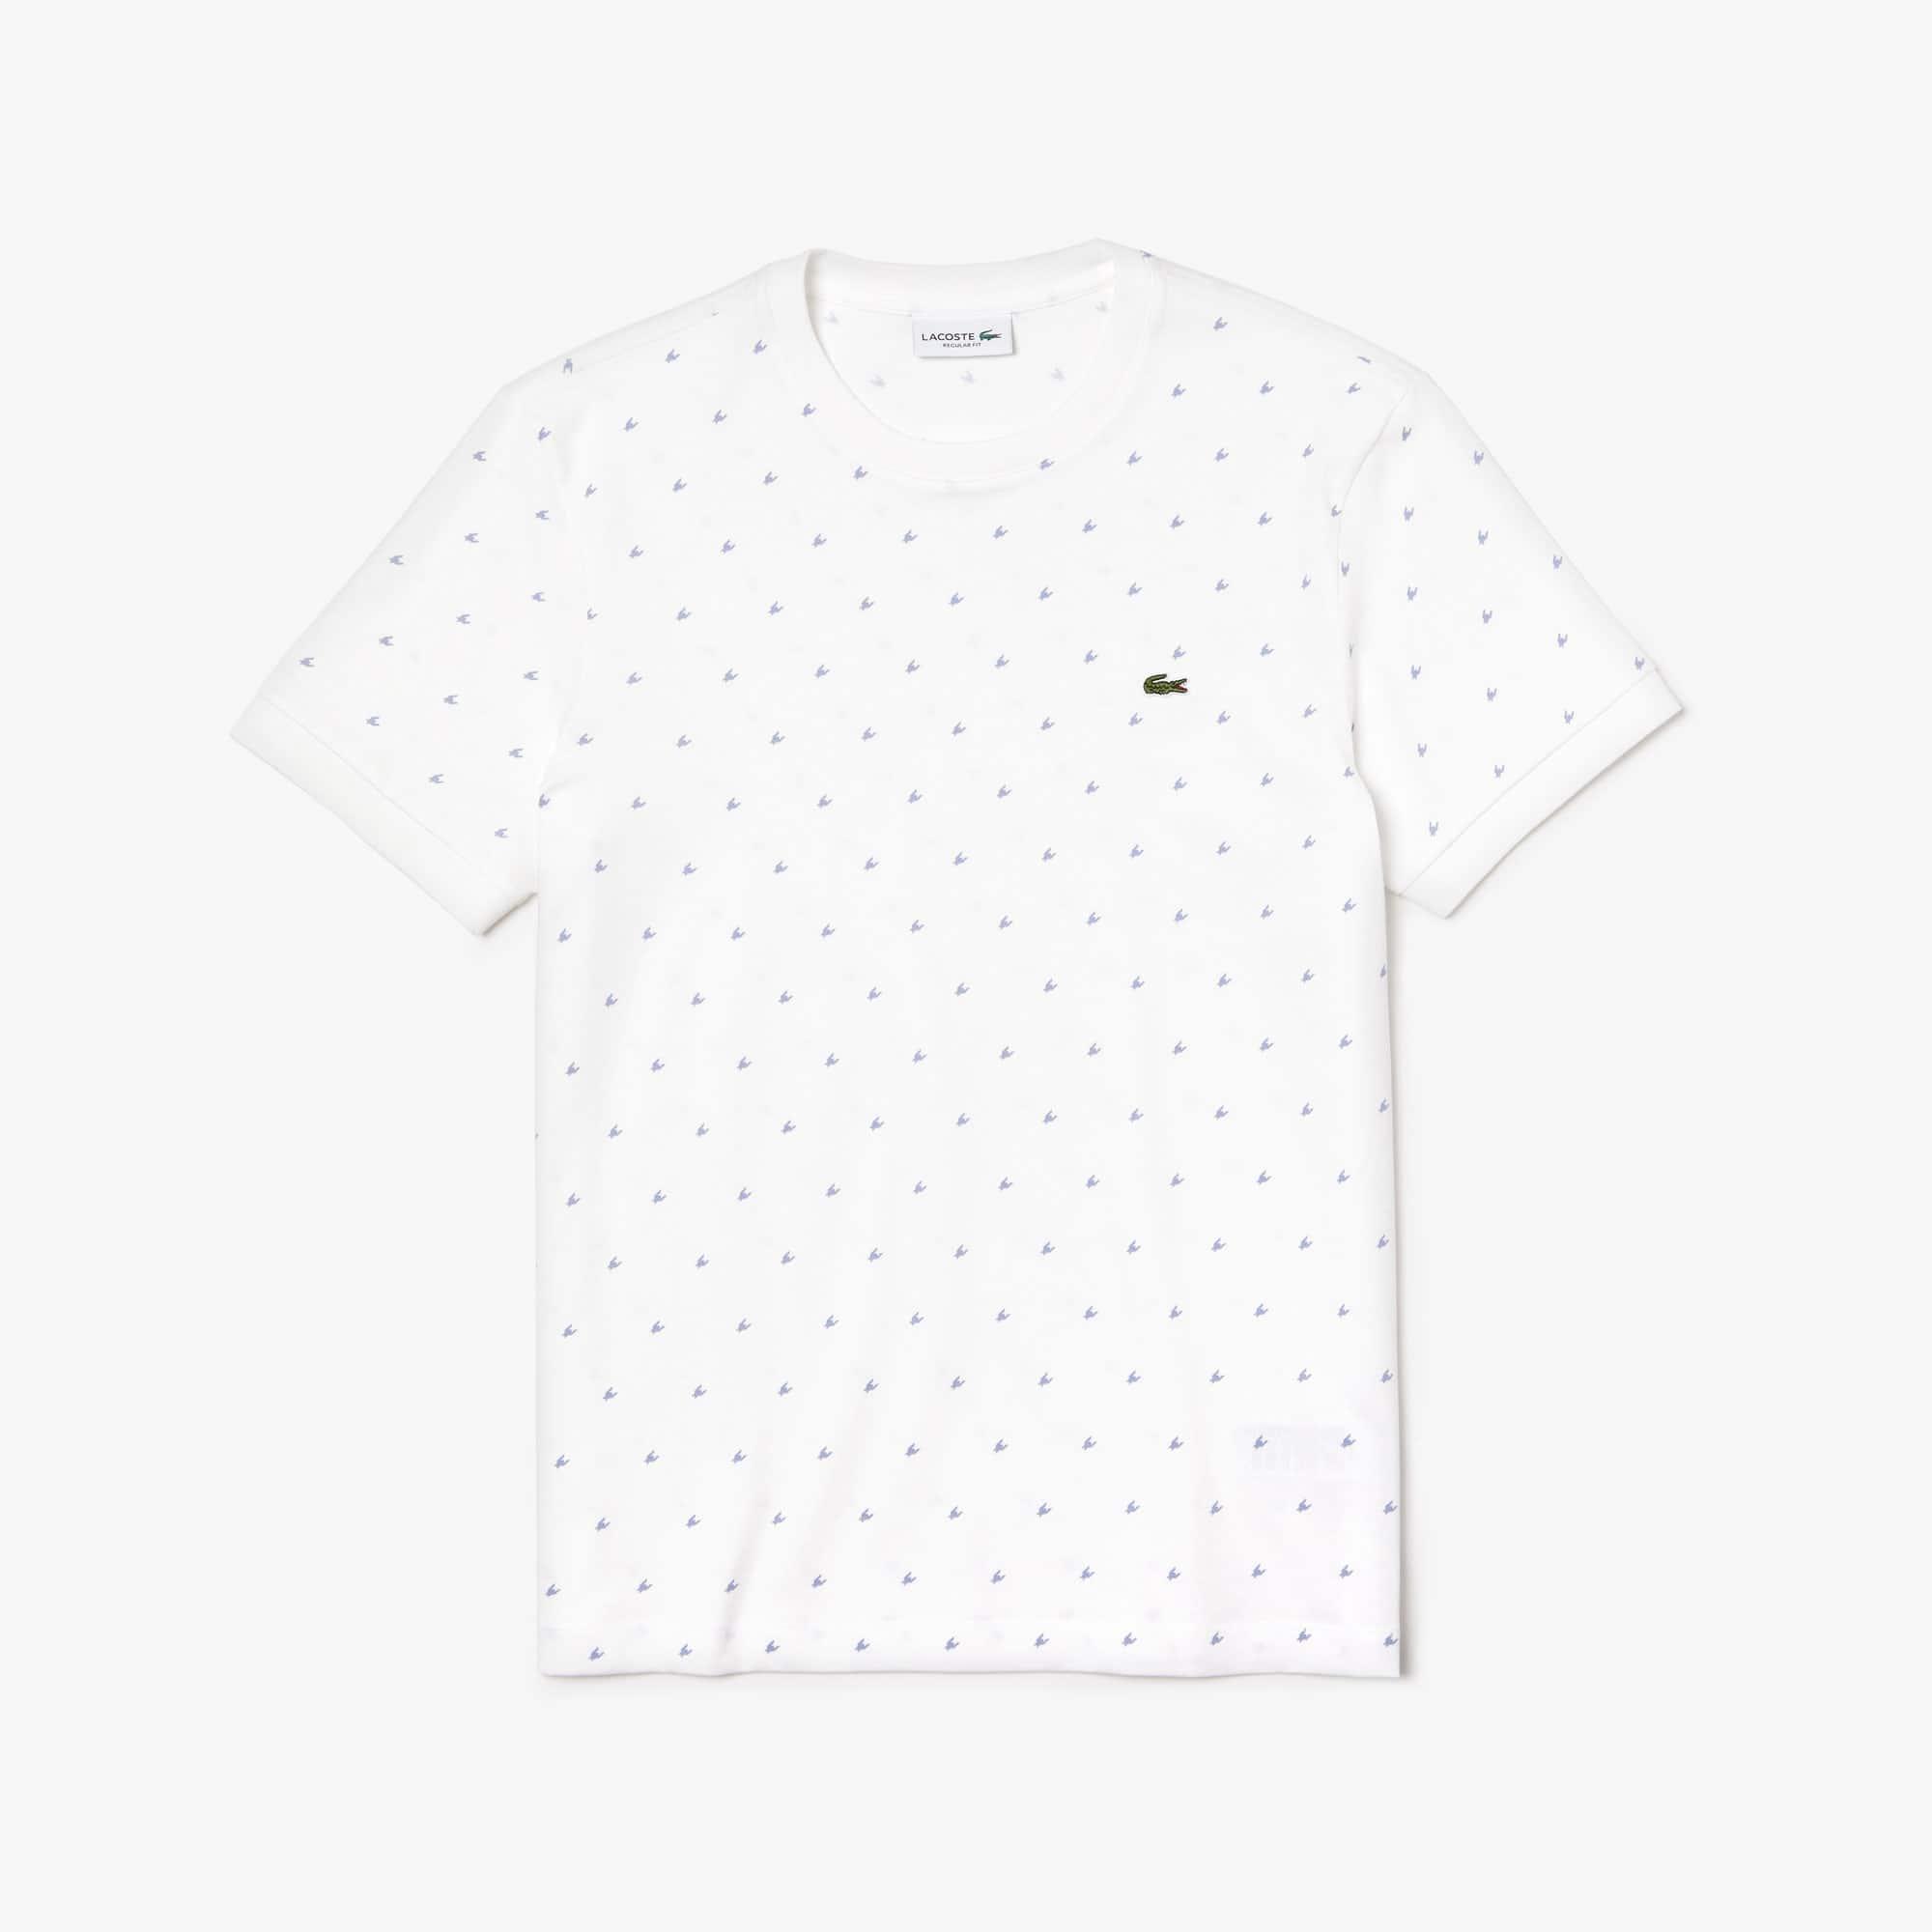 cecf0c3a Men's T Shirts | Lacoste T Shirts | LACOSTE